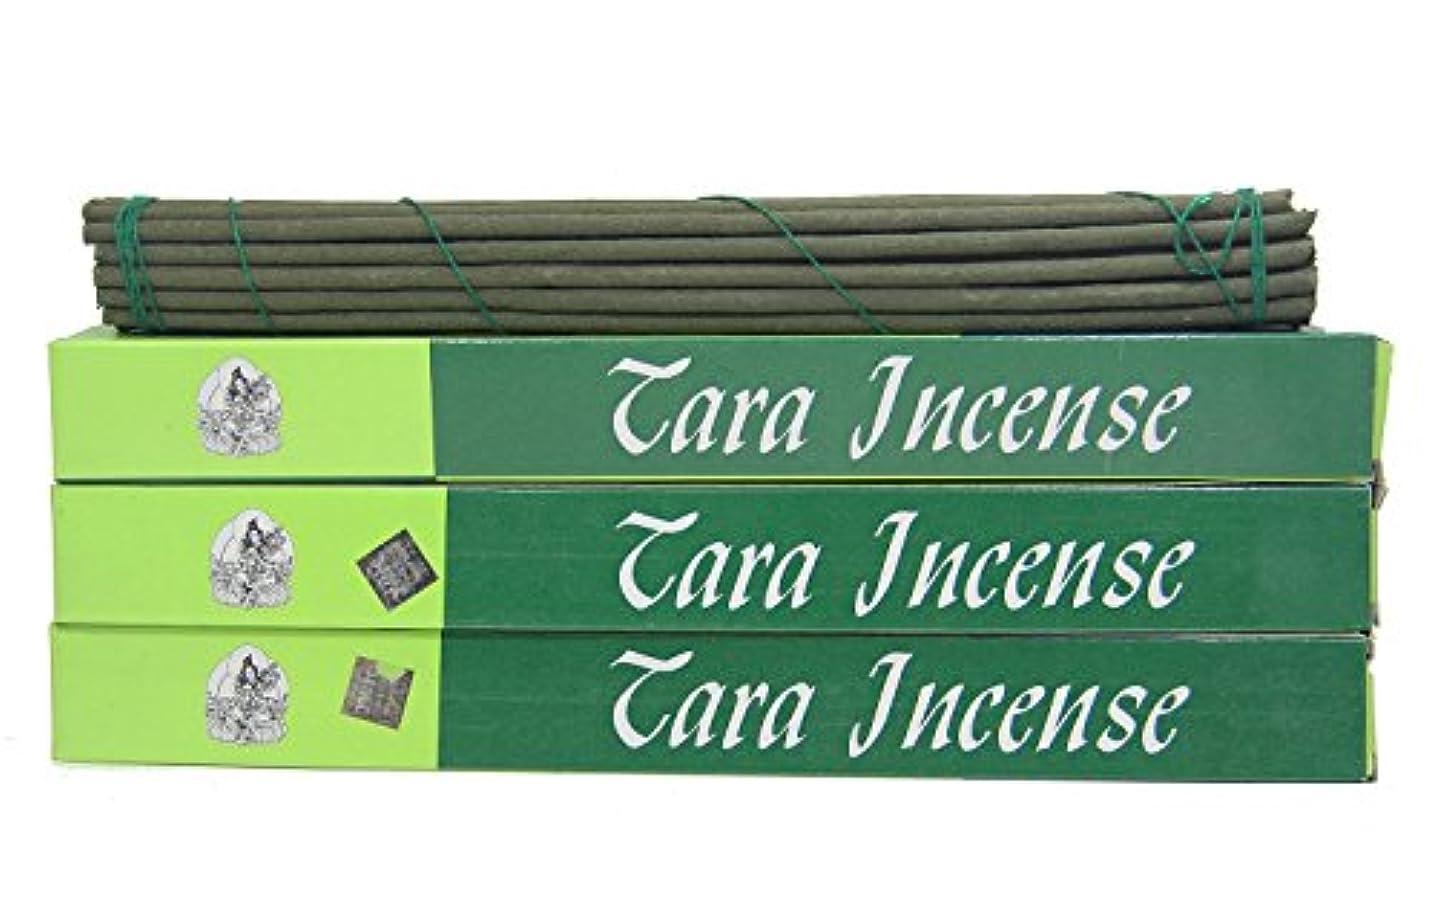 の間でパイントストリーム(Large 84 Sticks) - DharmaObjects 3 Box Tibetan Green Tara Incense Sticks (Large 84 Sticks)